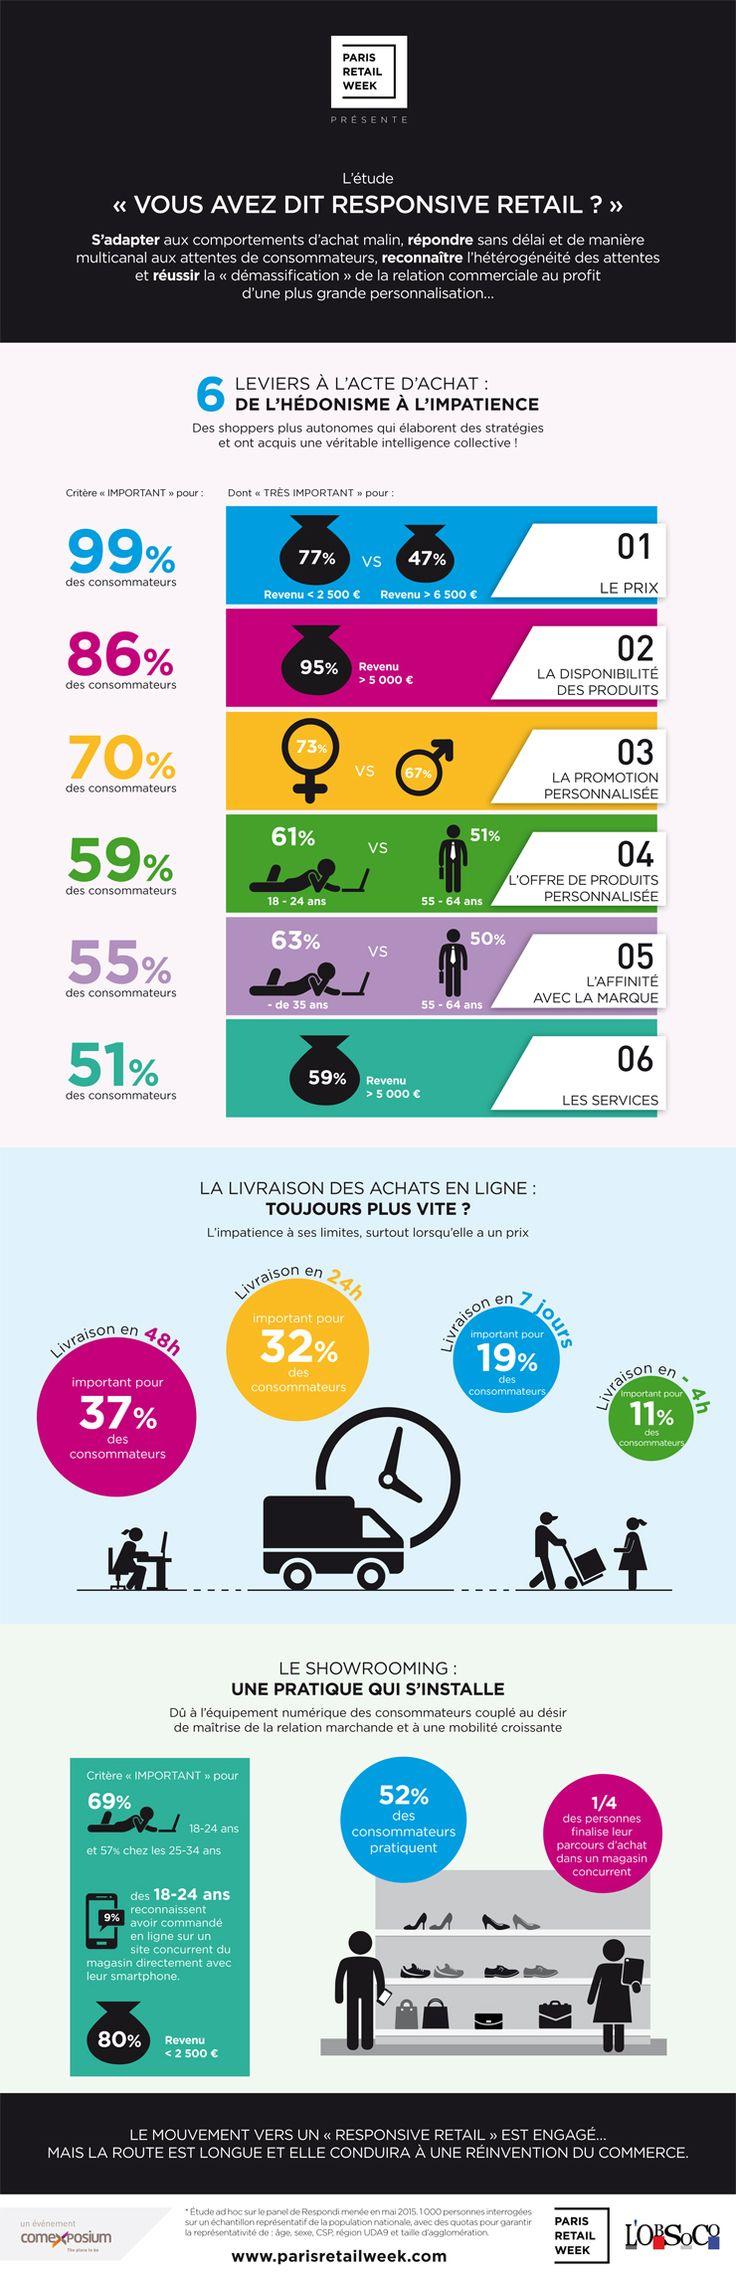 """Infographie """"Vous avez dit Responsive Retail ?"""" Une étude L'ObSoCo / Paris Retail Week à découvrir en exclusivité.  #ParisRetailWeek"""